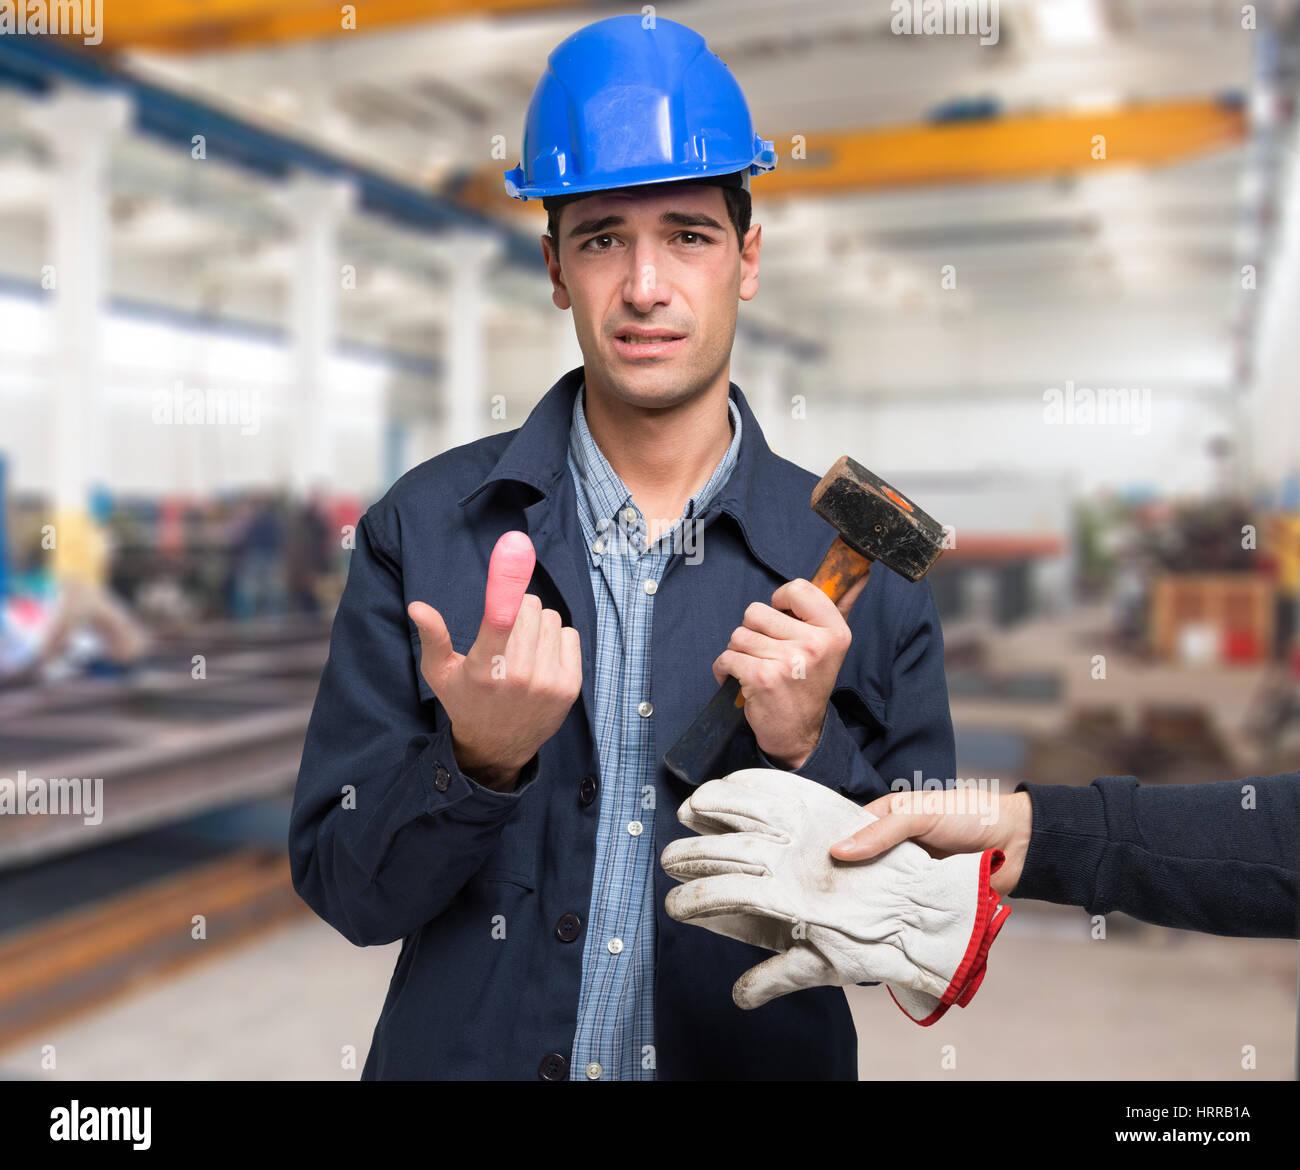 Arbeiter leiden ein Hammerschlag auf den finger Stockbild